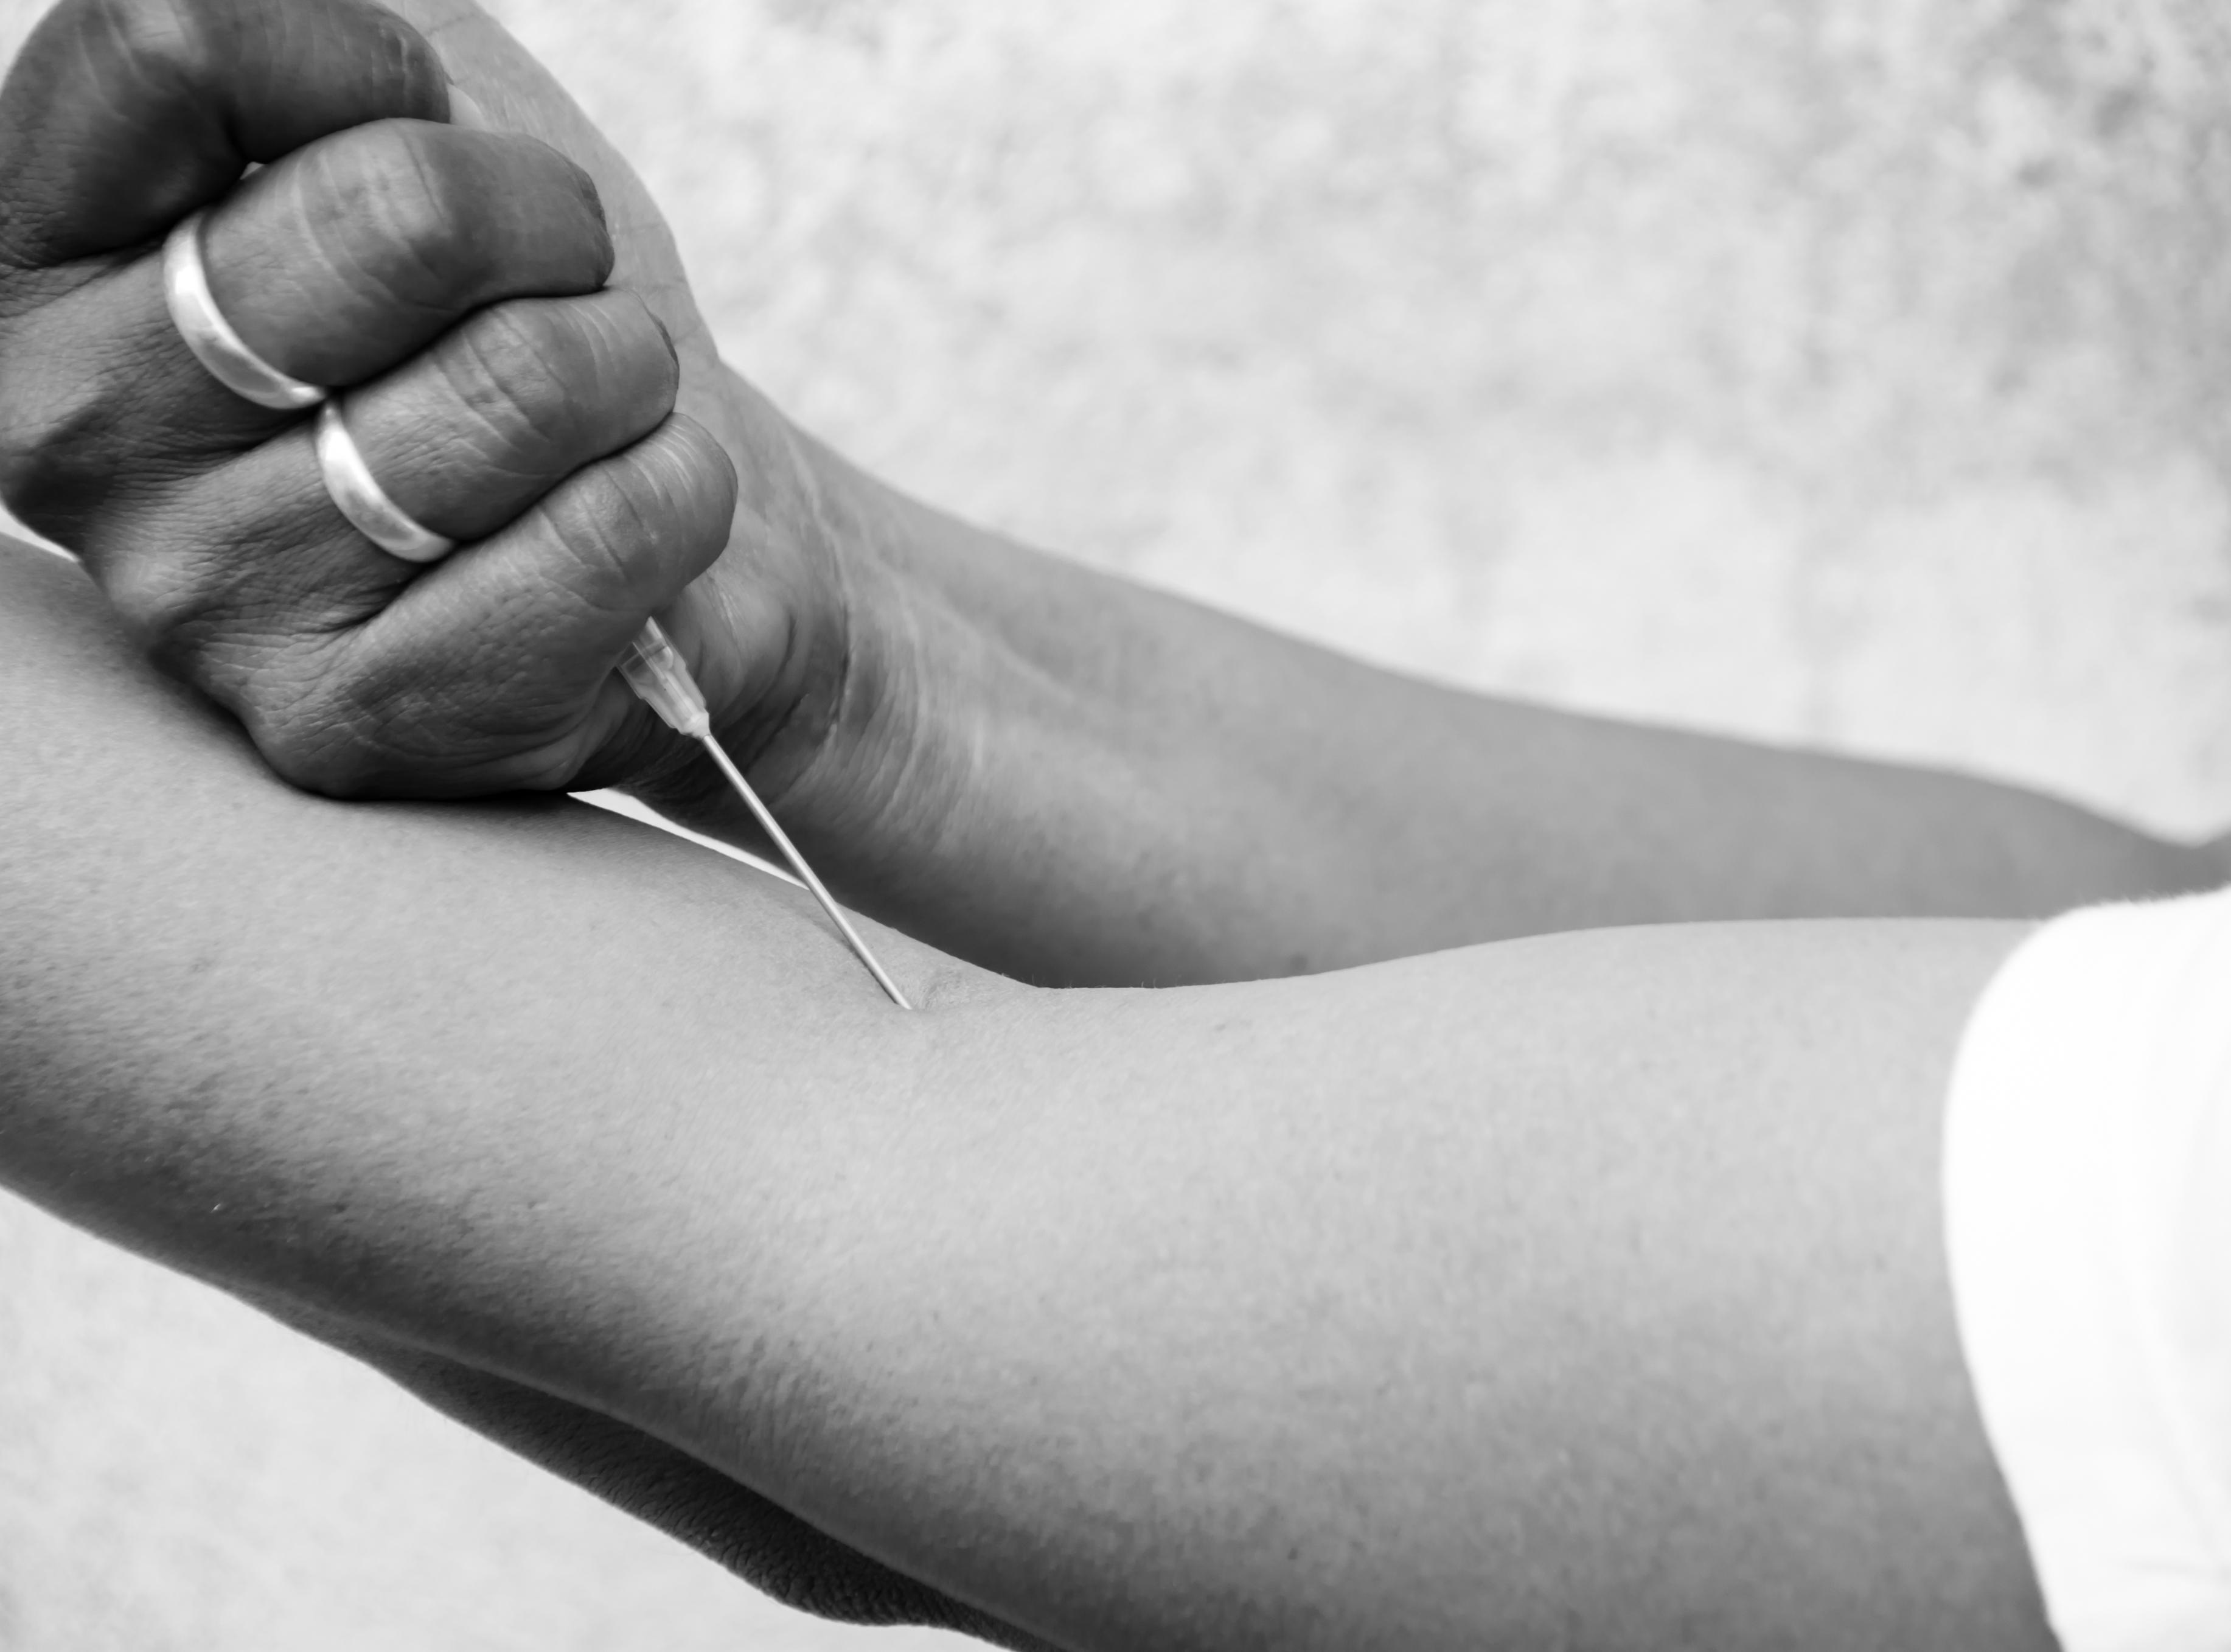 5.9.1. ВИЧ-инфекция среди наркопотребителей - изображение 1